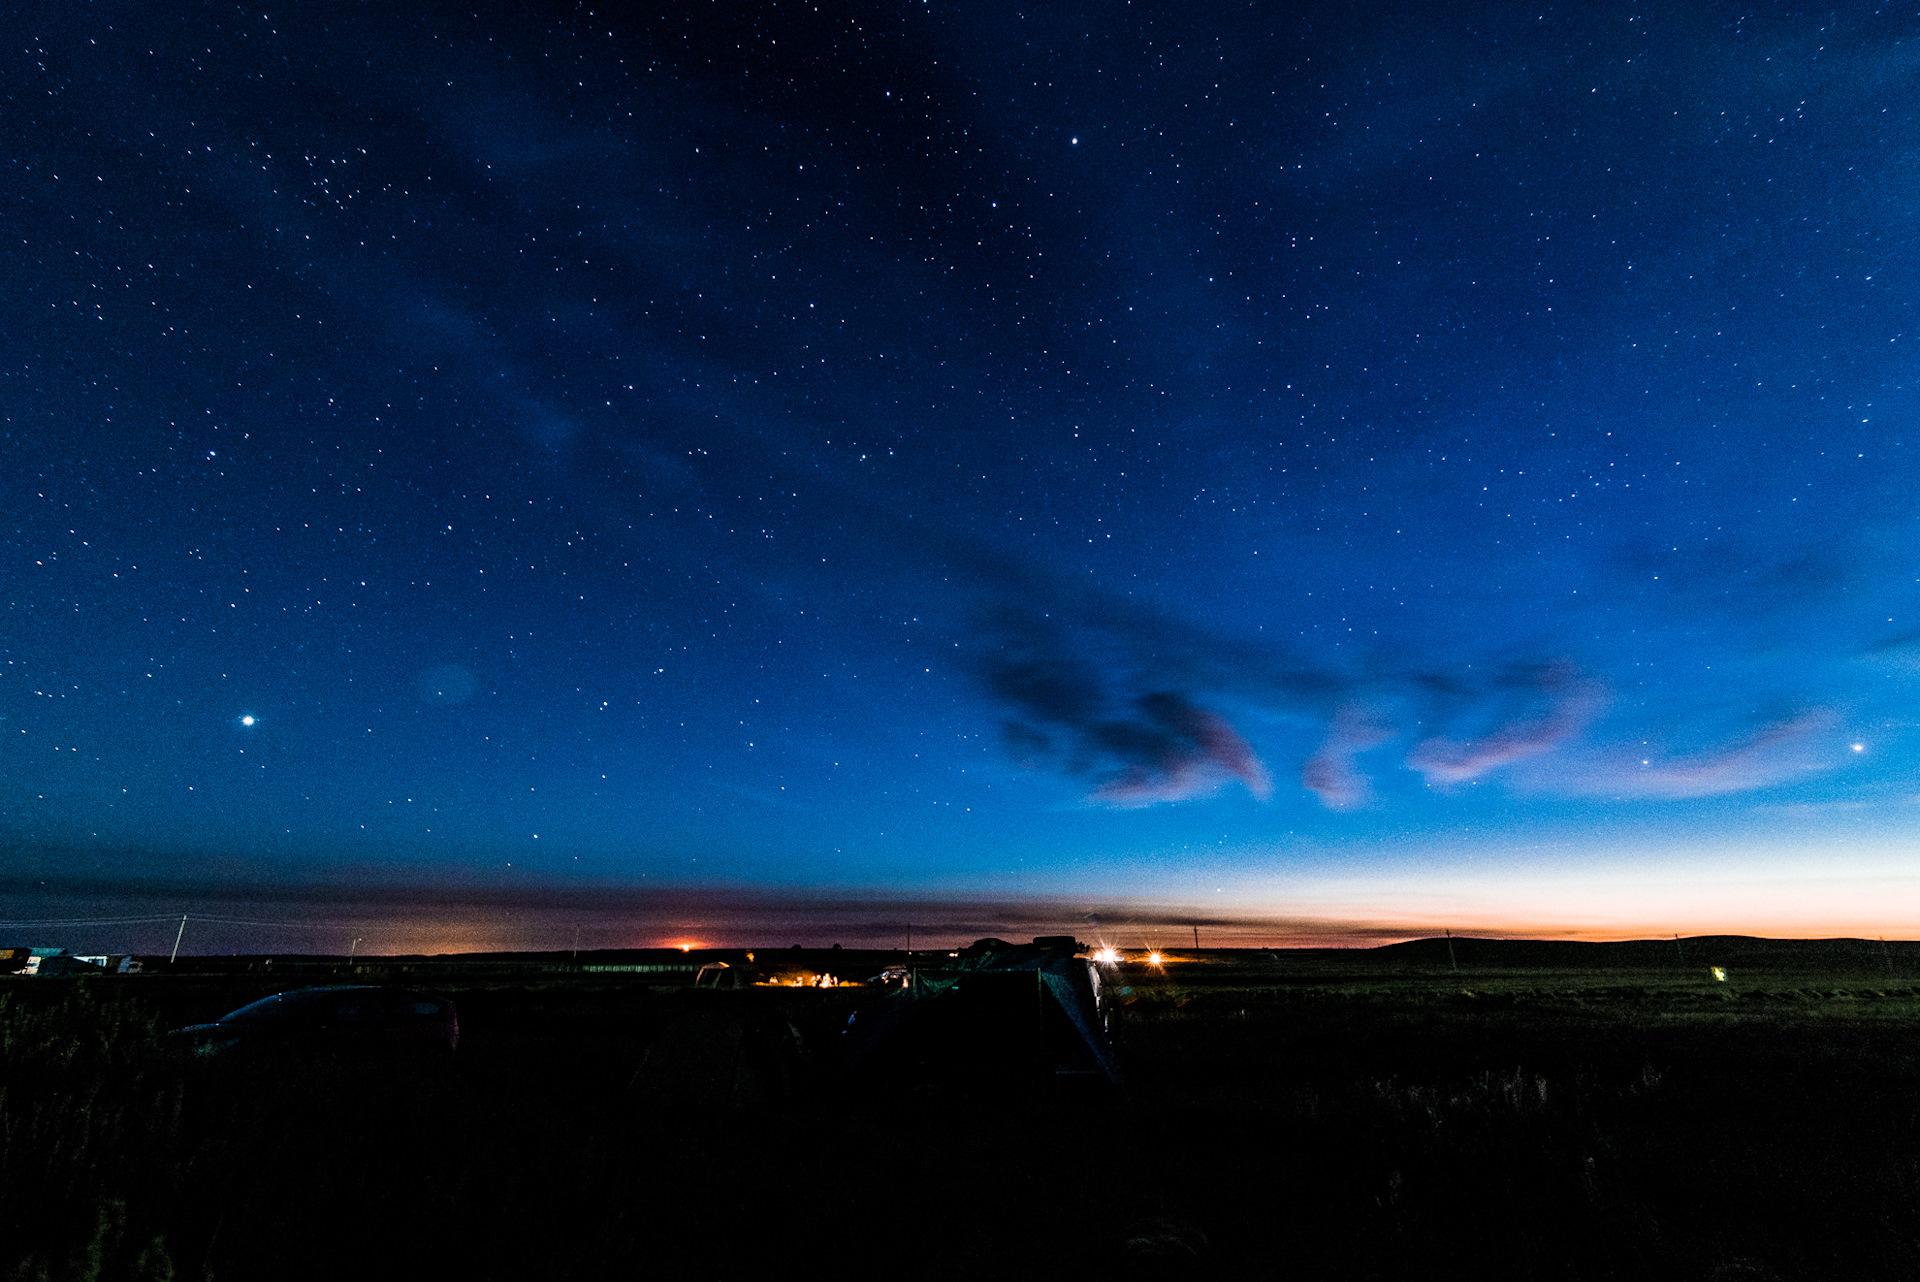 самого картинки ночного неба в живую запросу серебряная